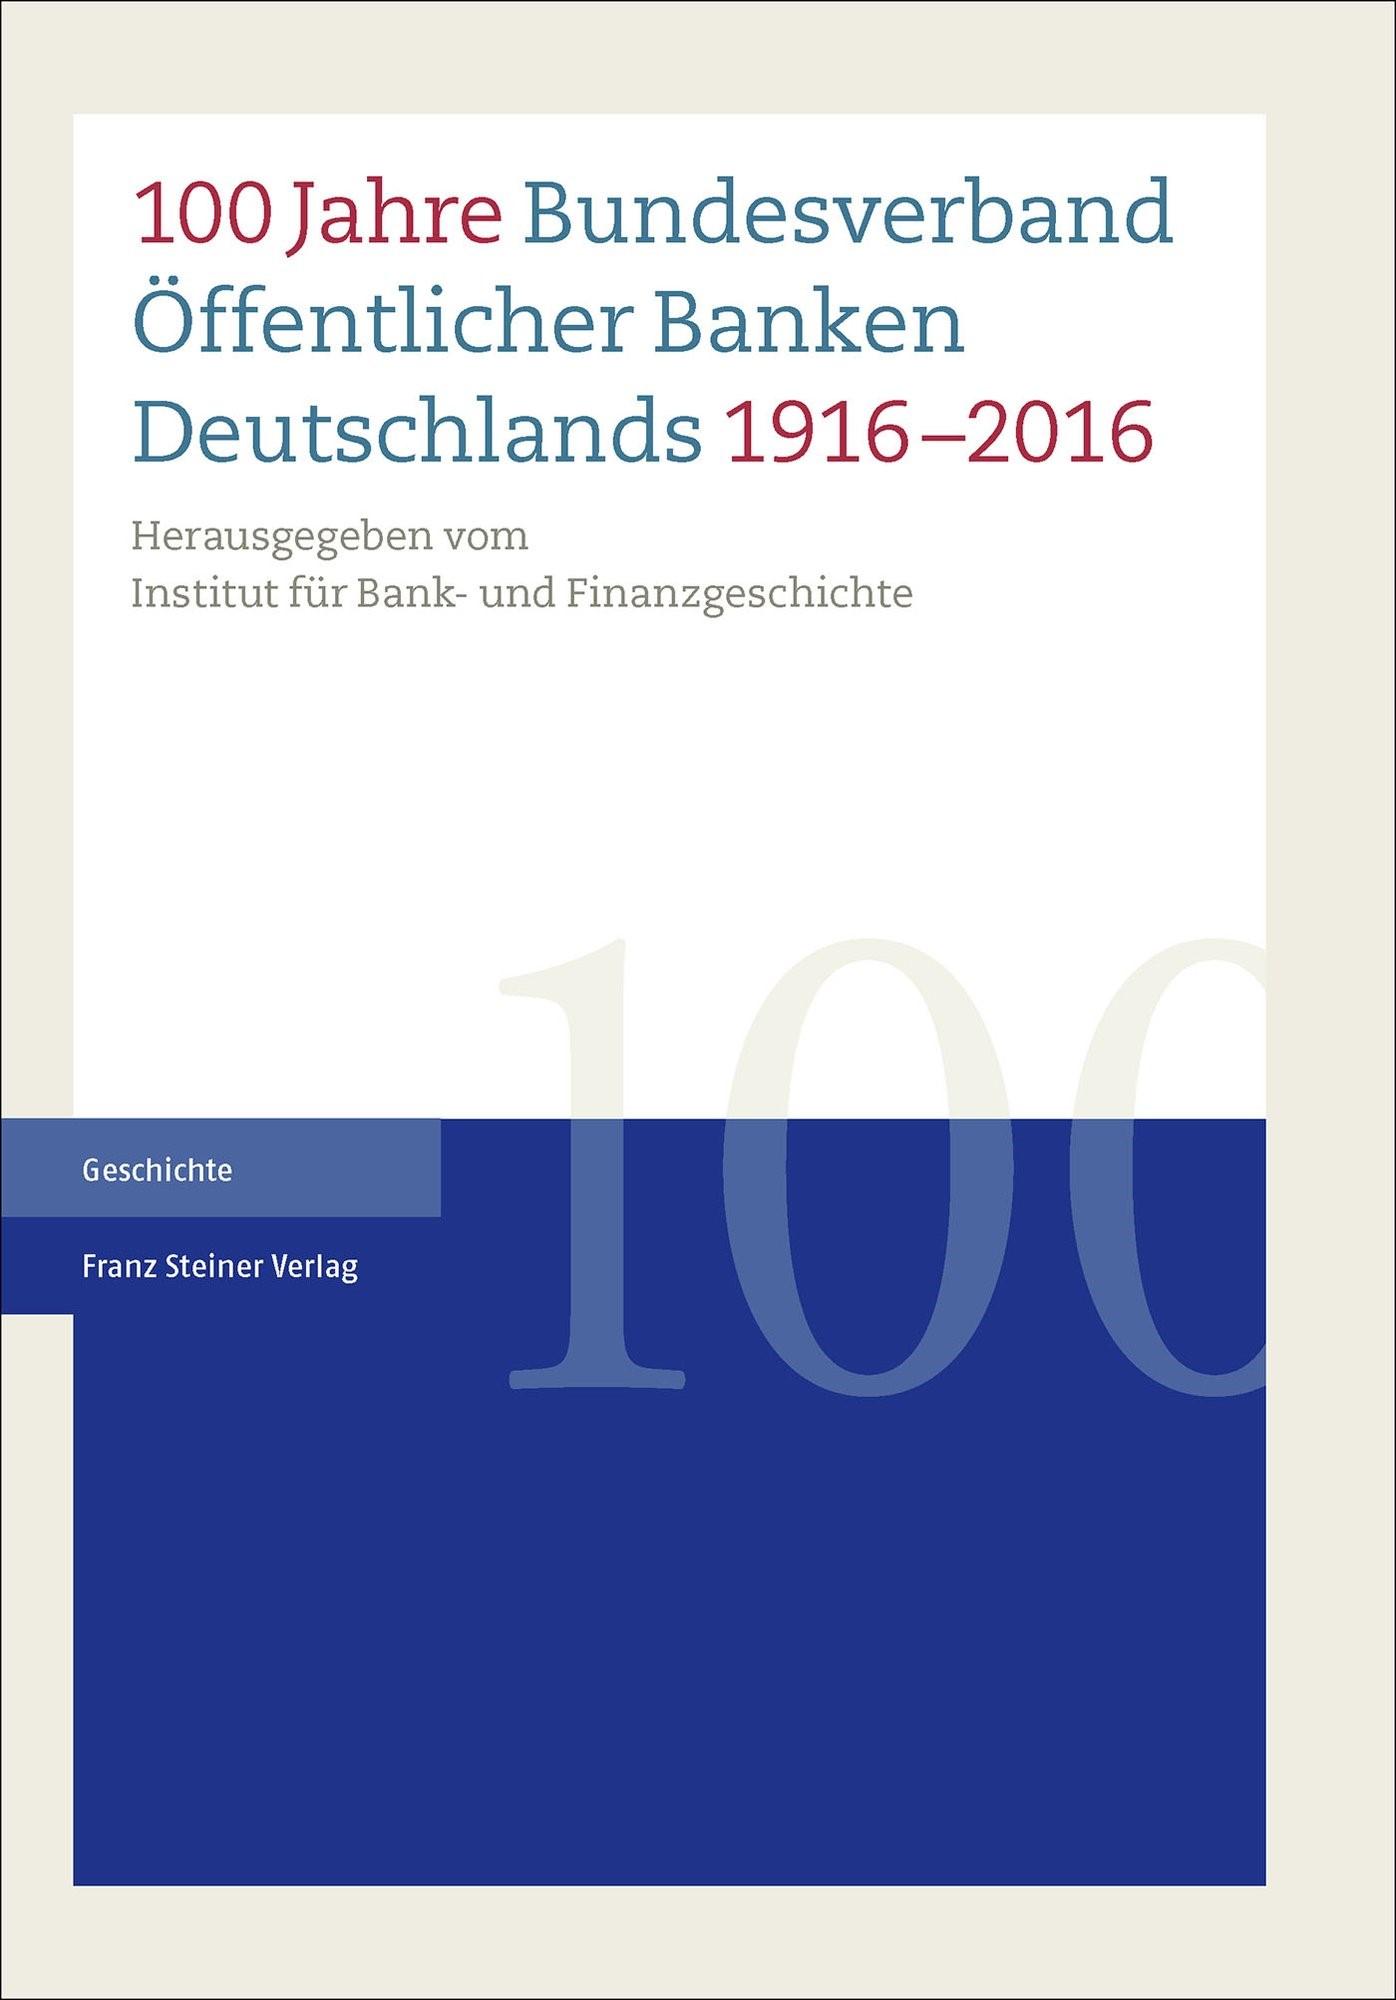 Abbildung von 100 Jahre Bundesverband Öffentlicher Banken Deutschlands 1916-2016 | 2016